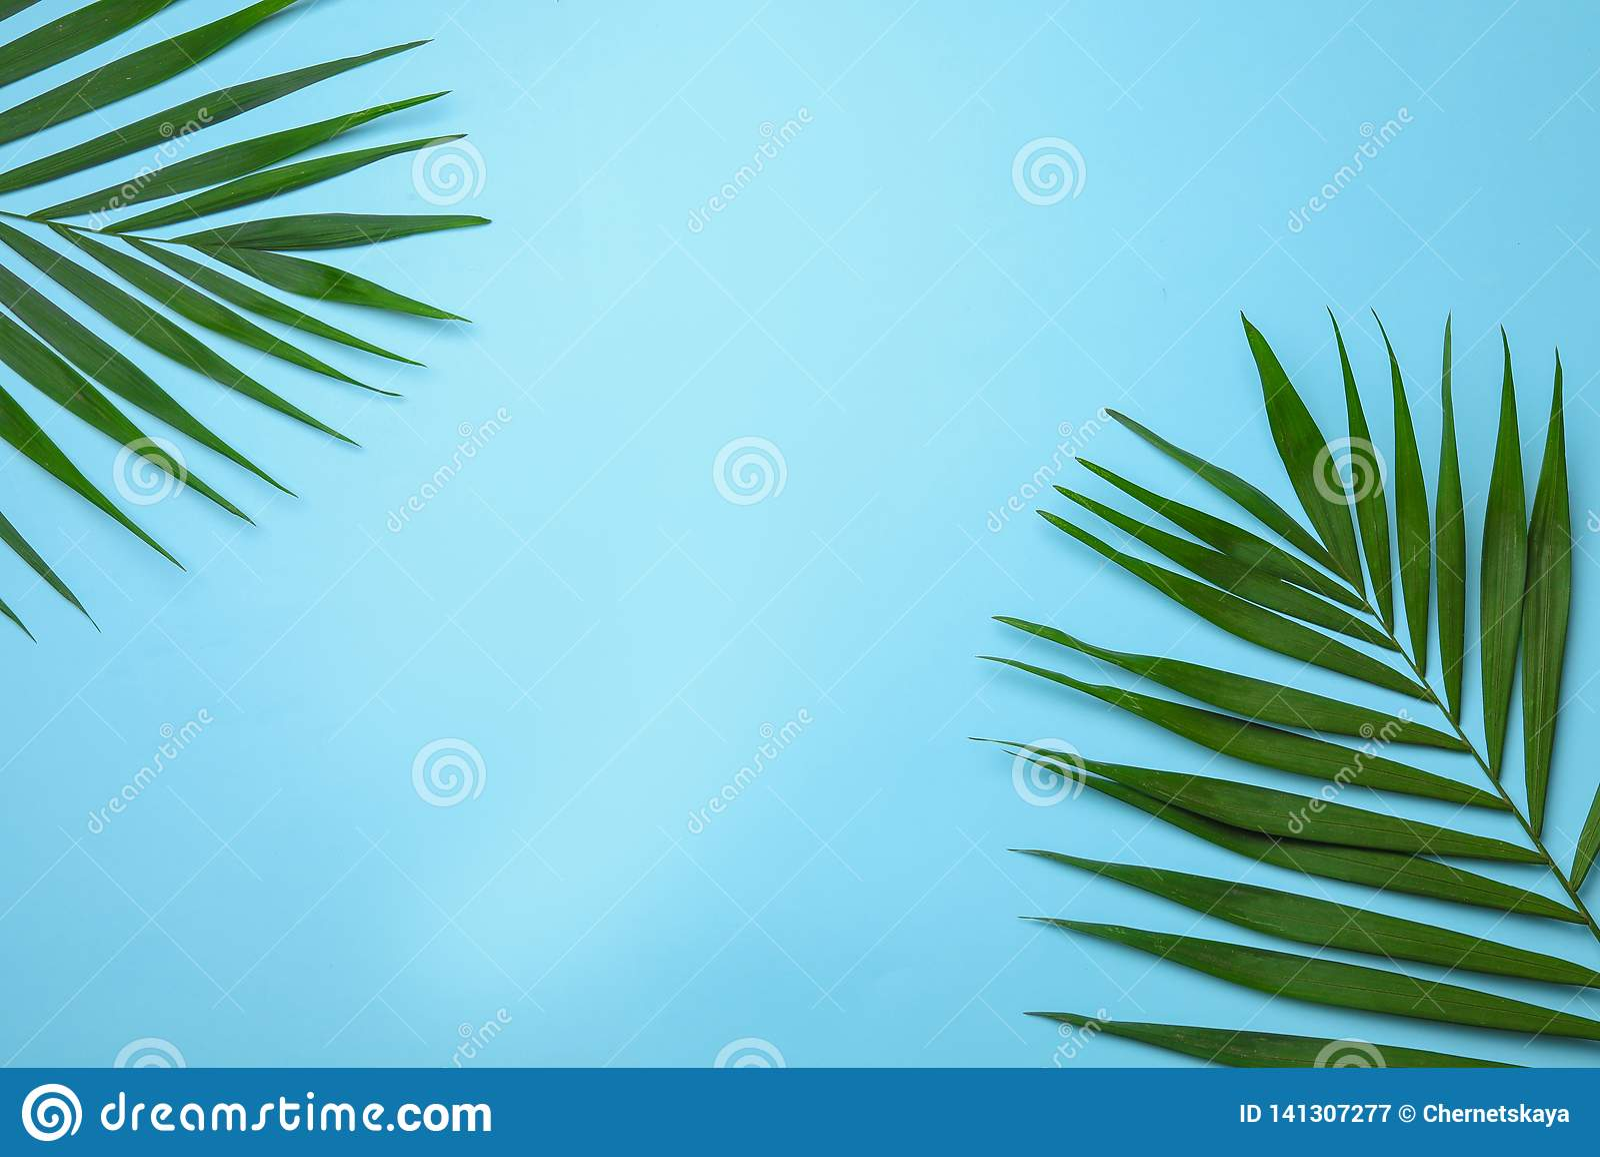 Composición puesta plana con las hojas de palma tropicales de la areca y espacio para el texto